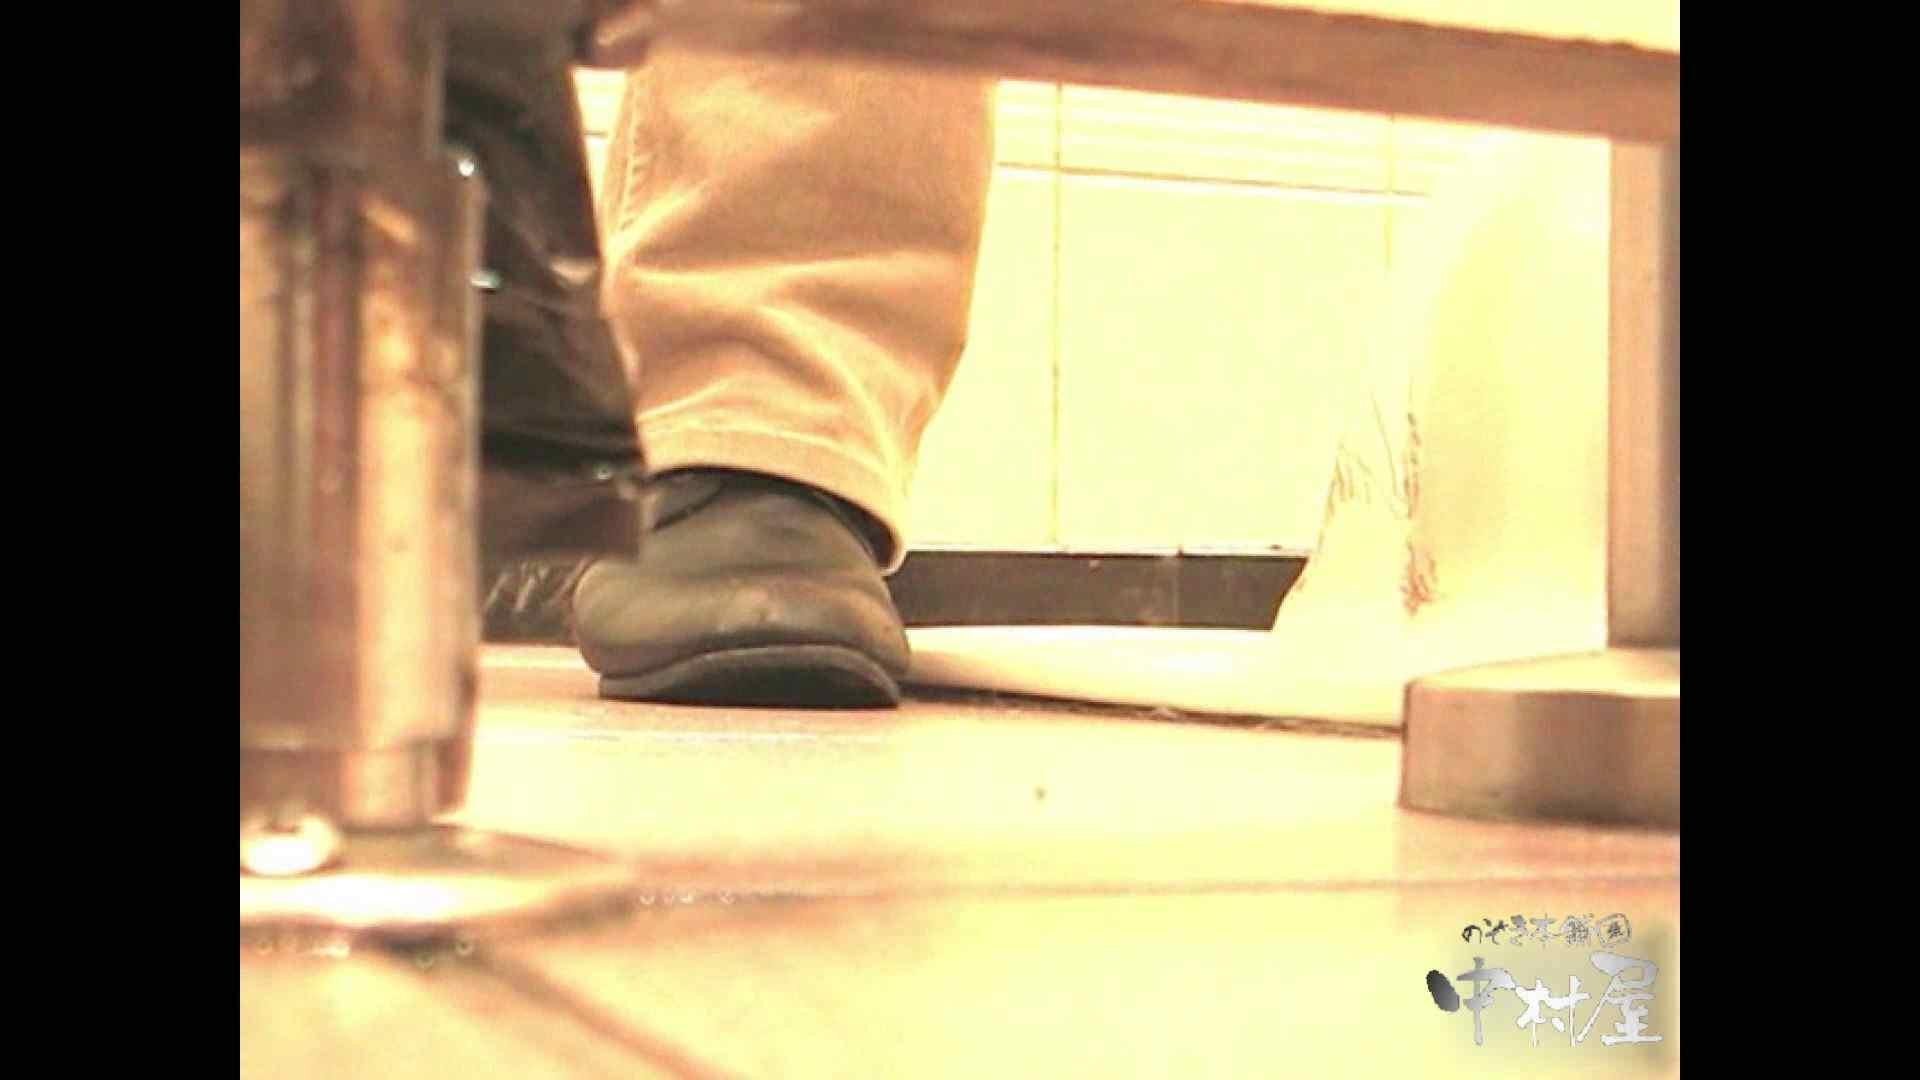 岩手県在住盗撮師盗撮記録vol.02 お姉さん達のオマンコ オマンコ無修正動画無料 53連発 25